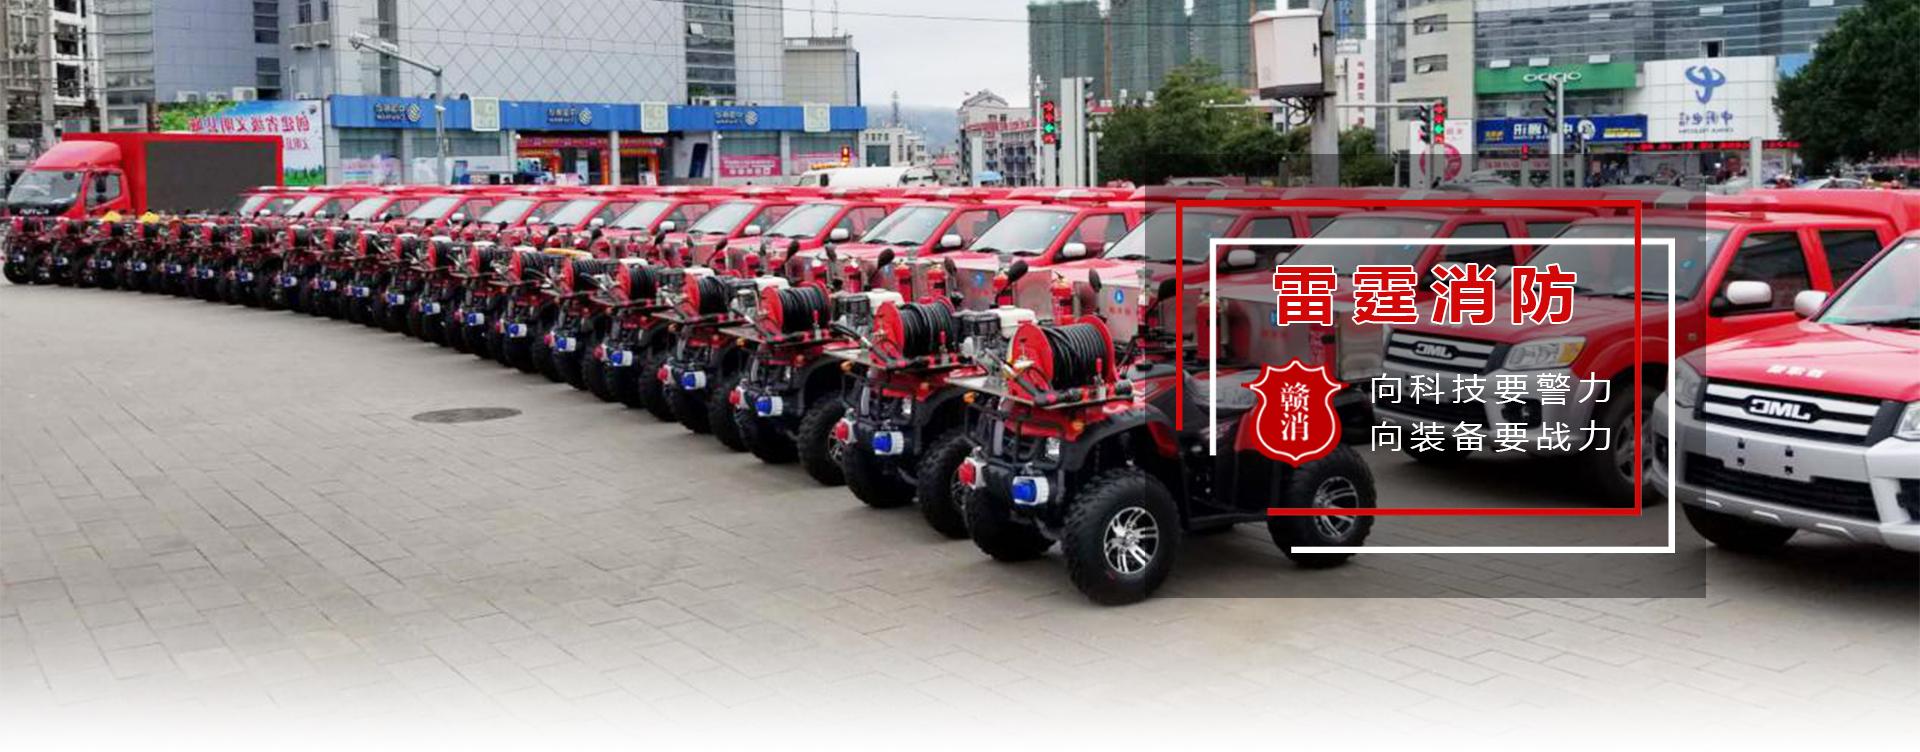 皮卡消防车